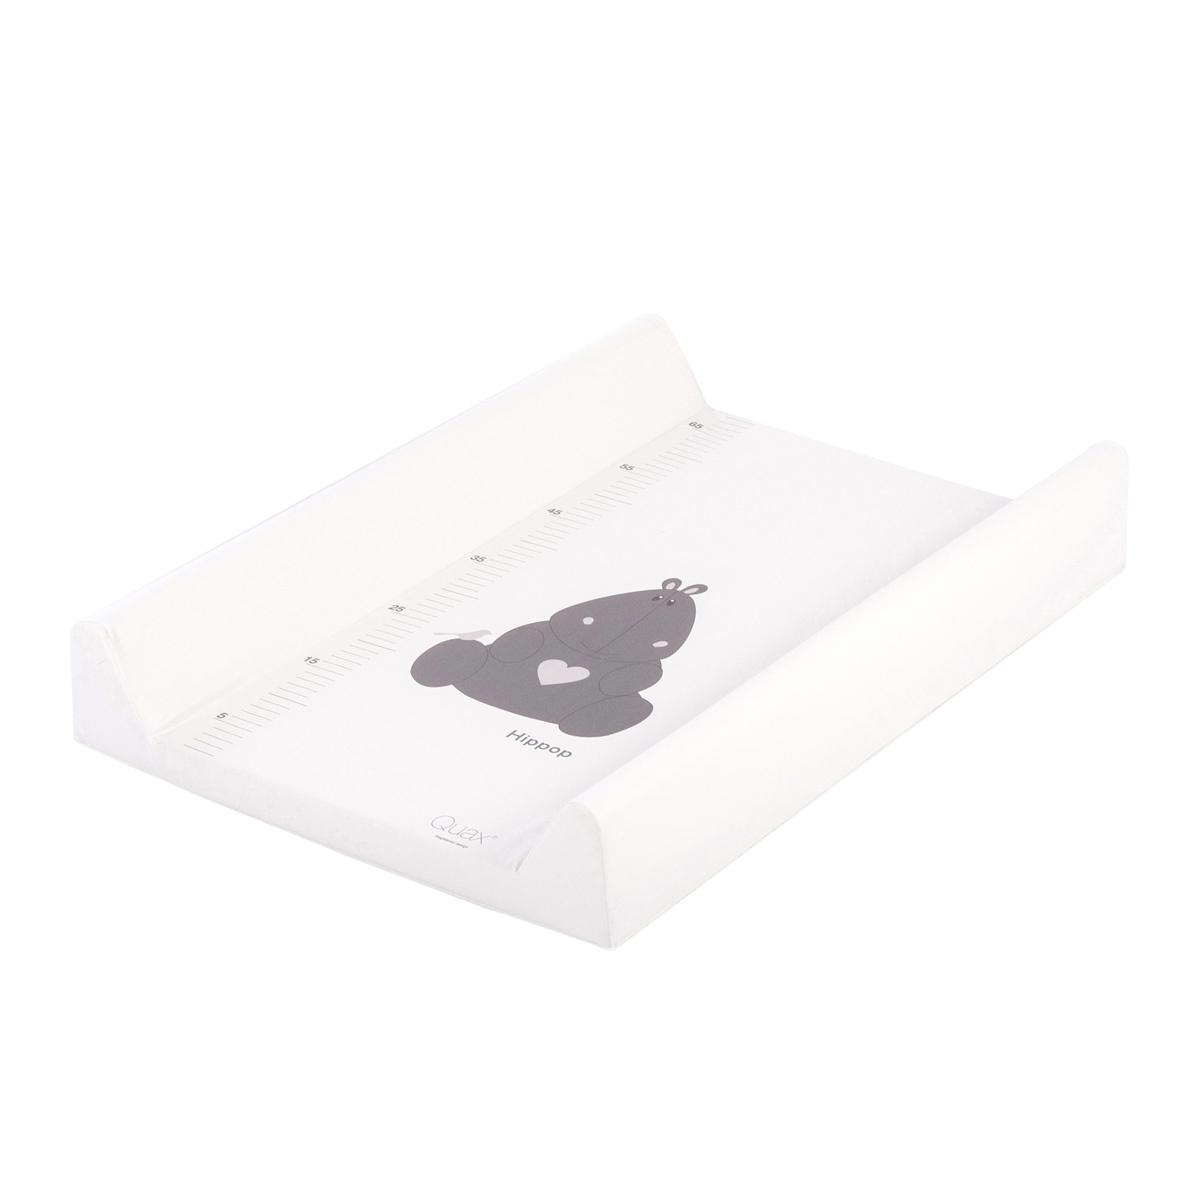 quax matelas langer hippop avec toise blanc matelas et housse langer quax sur l 39 armoire. Black Bedroom Furniture Sets. Home Design Ideas